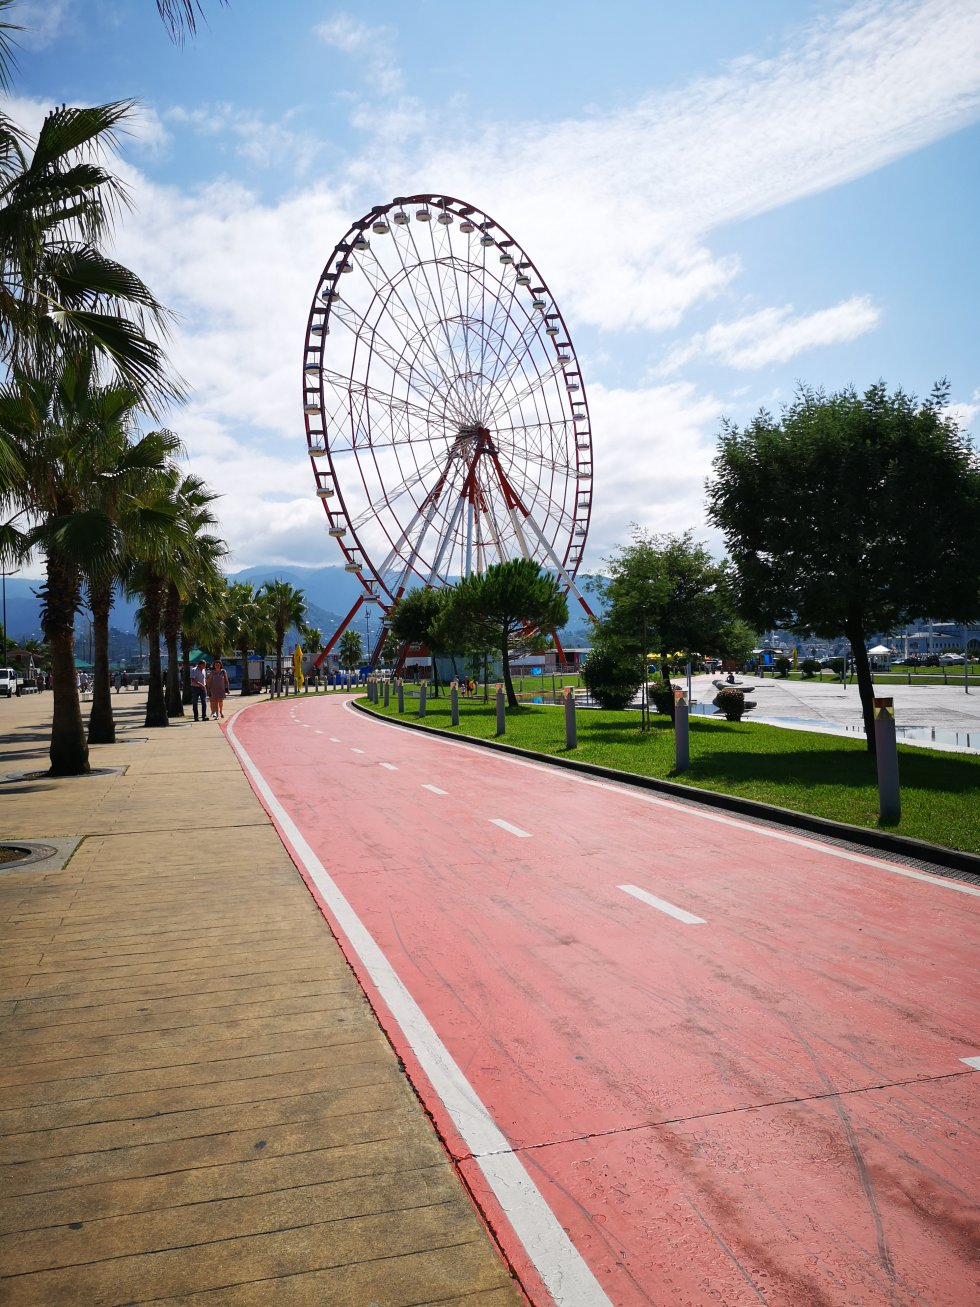 La noria del paseo marítimo es otra de las vistas tradicionales en el paseo marítimo de Batumi.